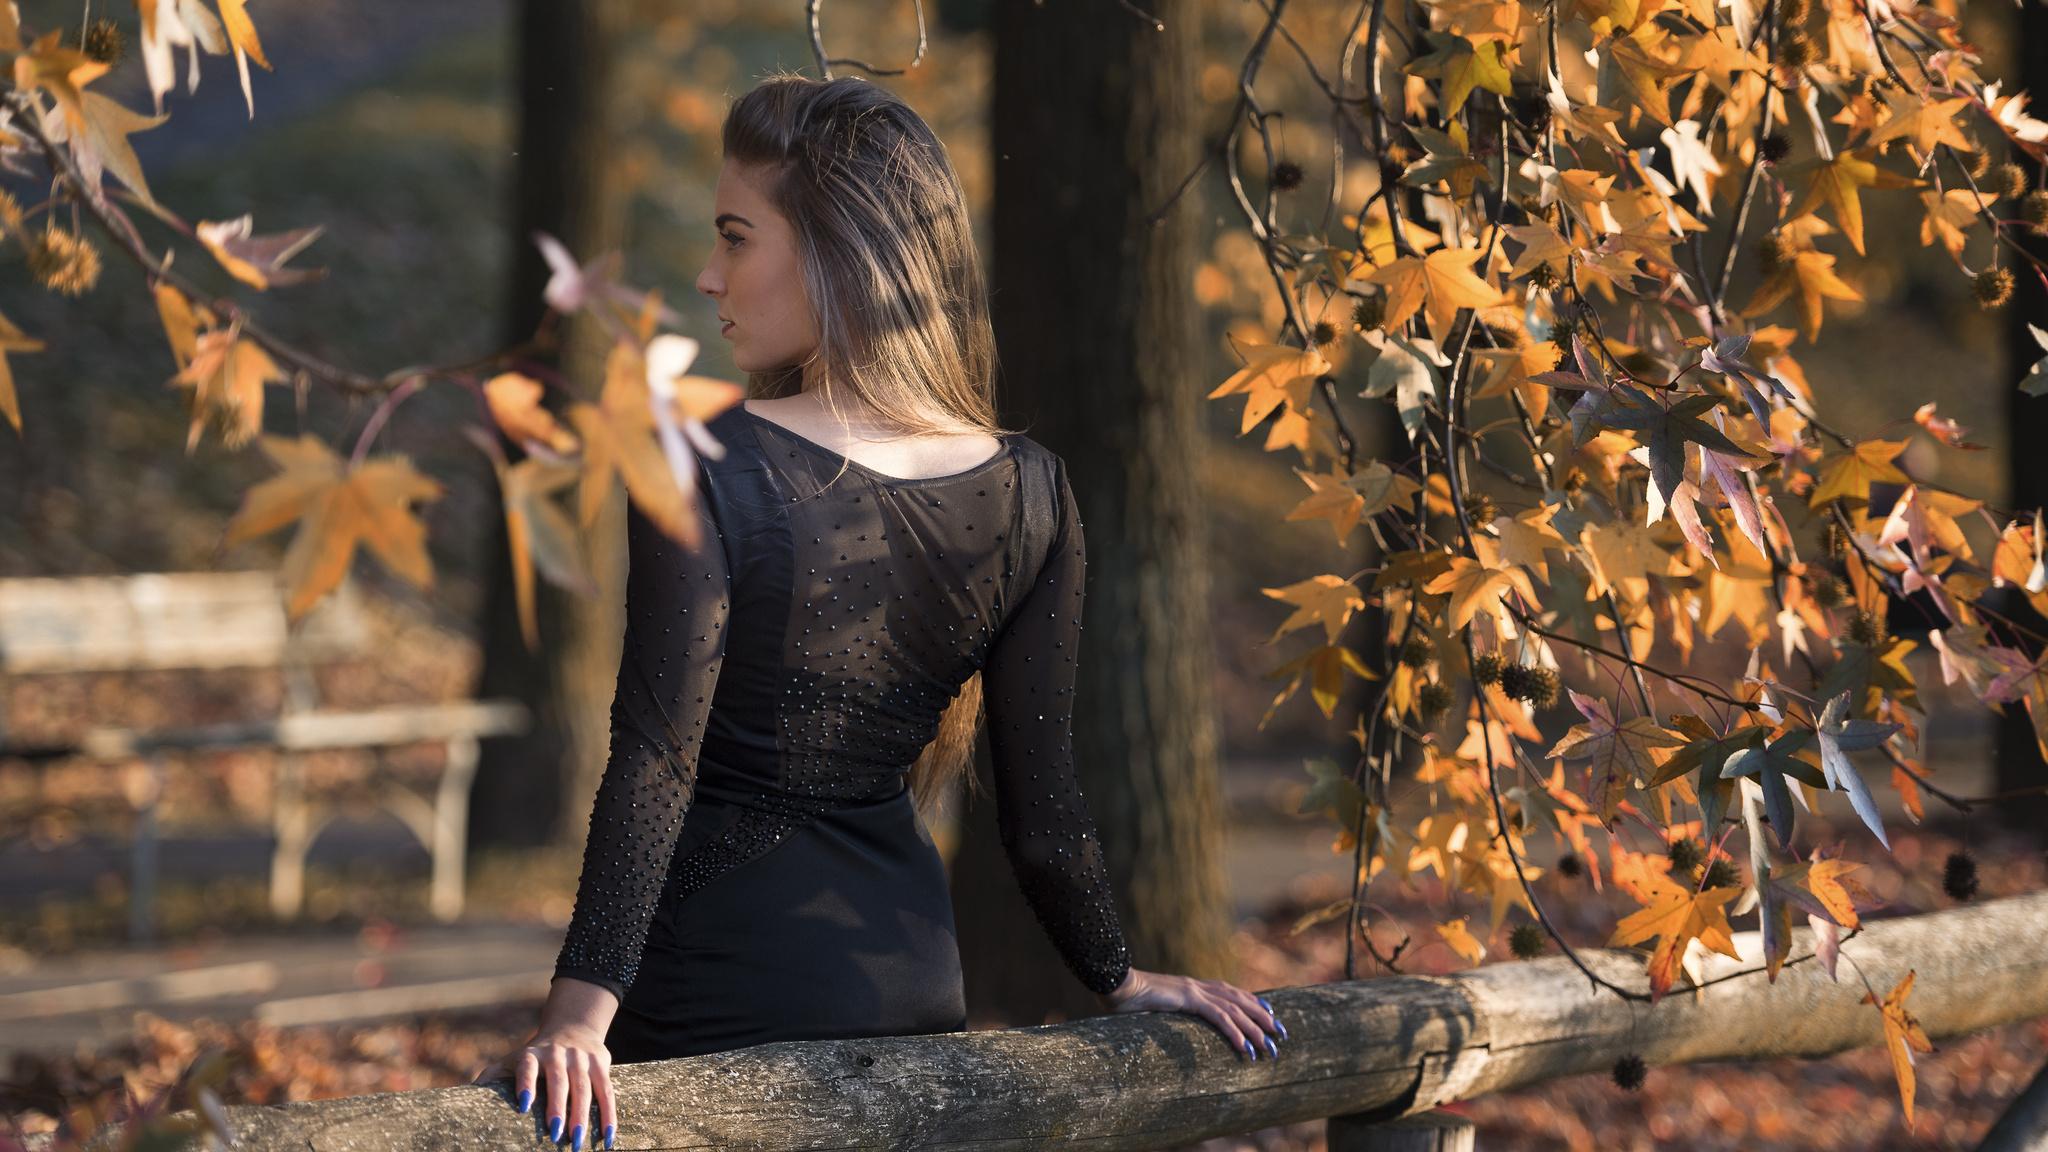 girl-back-view-dress-black-gh.jpg